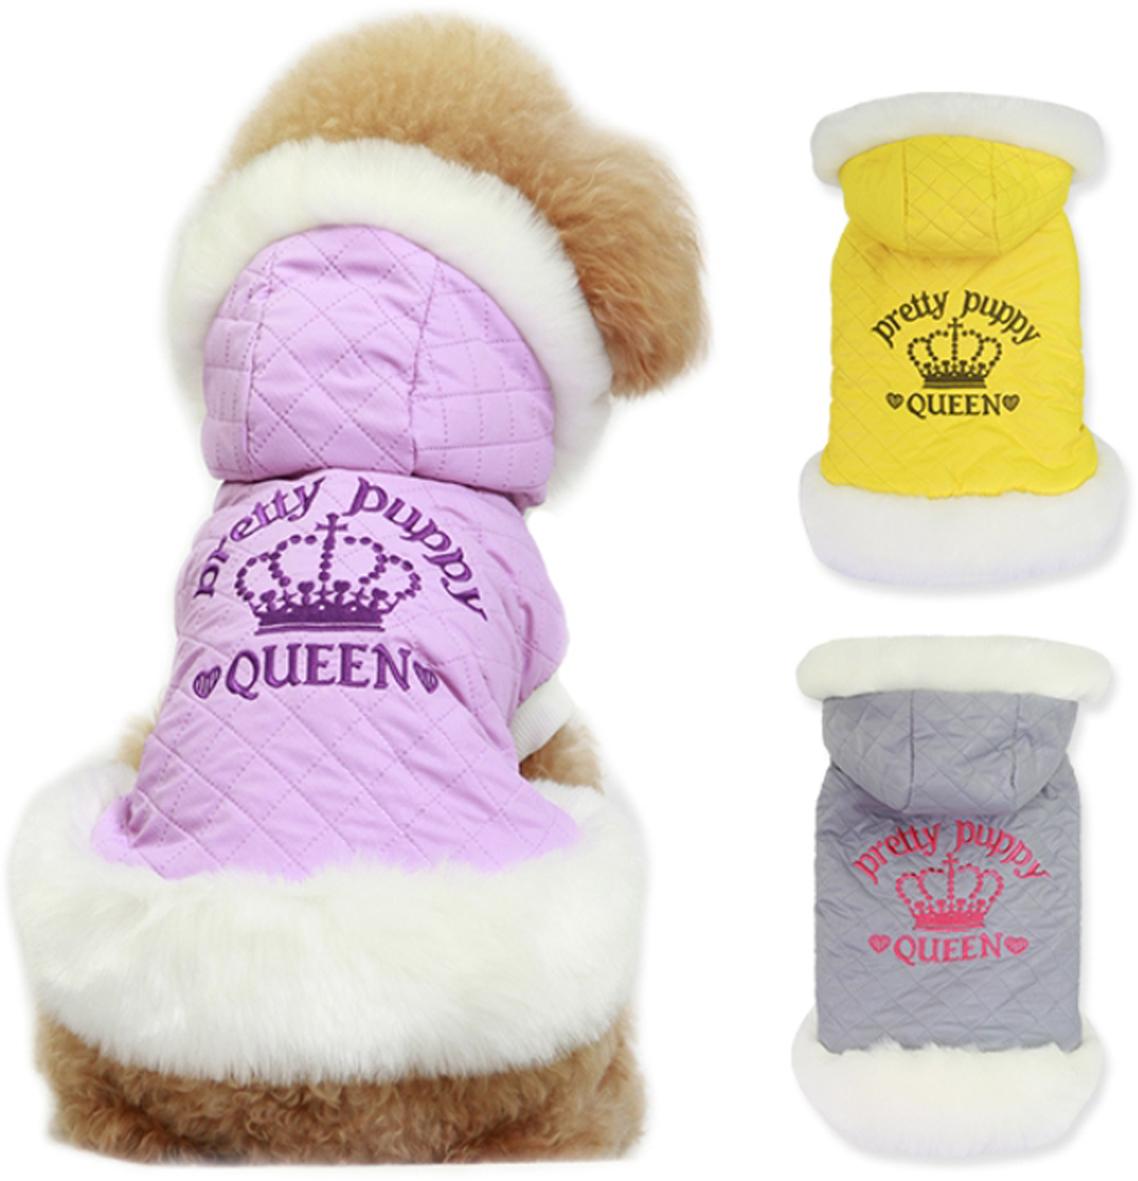 Куртка для собак Dobaz Pretty Puppy, цвет: желтый. ДА14068СС. Размер SДА14068ССКуртка для собак Dobaz Pretty Puppy выполнена из плотной непромокаемой ткани с декоративной стежкой. Воротник и нижний край изделия оторочены белым мехом, подкладка также выполнена из меха. На спине куртка декорирована вышивкой. Обхват шеи: 23 см.Обхват груди: 36 см.Длина спинки: 23 см.Одежда для собак: нужна ли она и как её выбрать. Статья OZON Гид